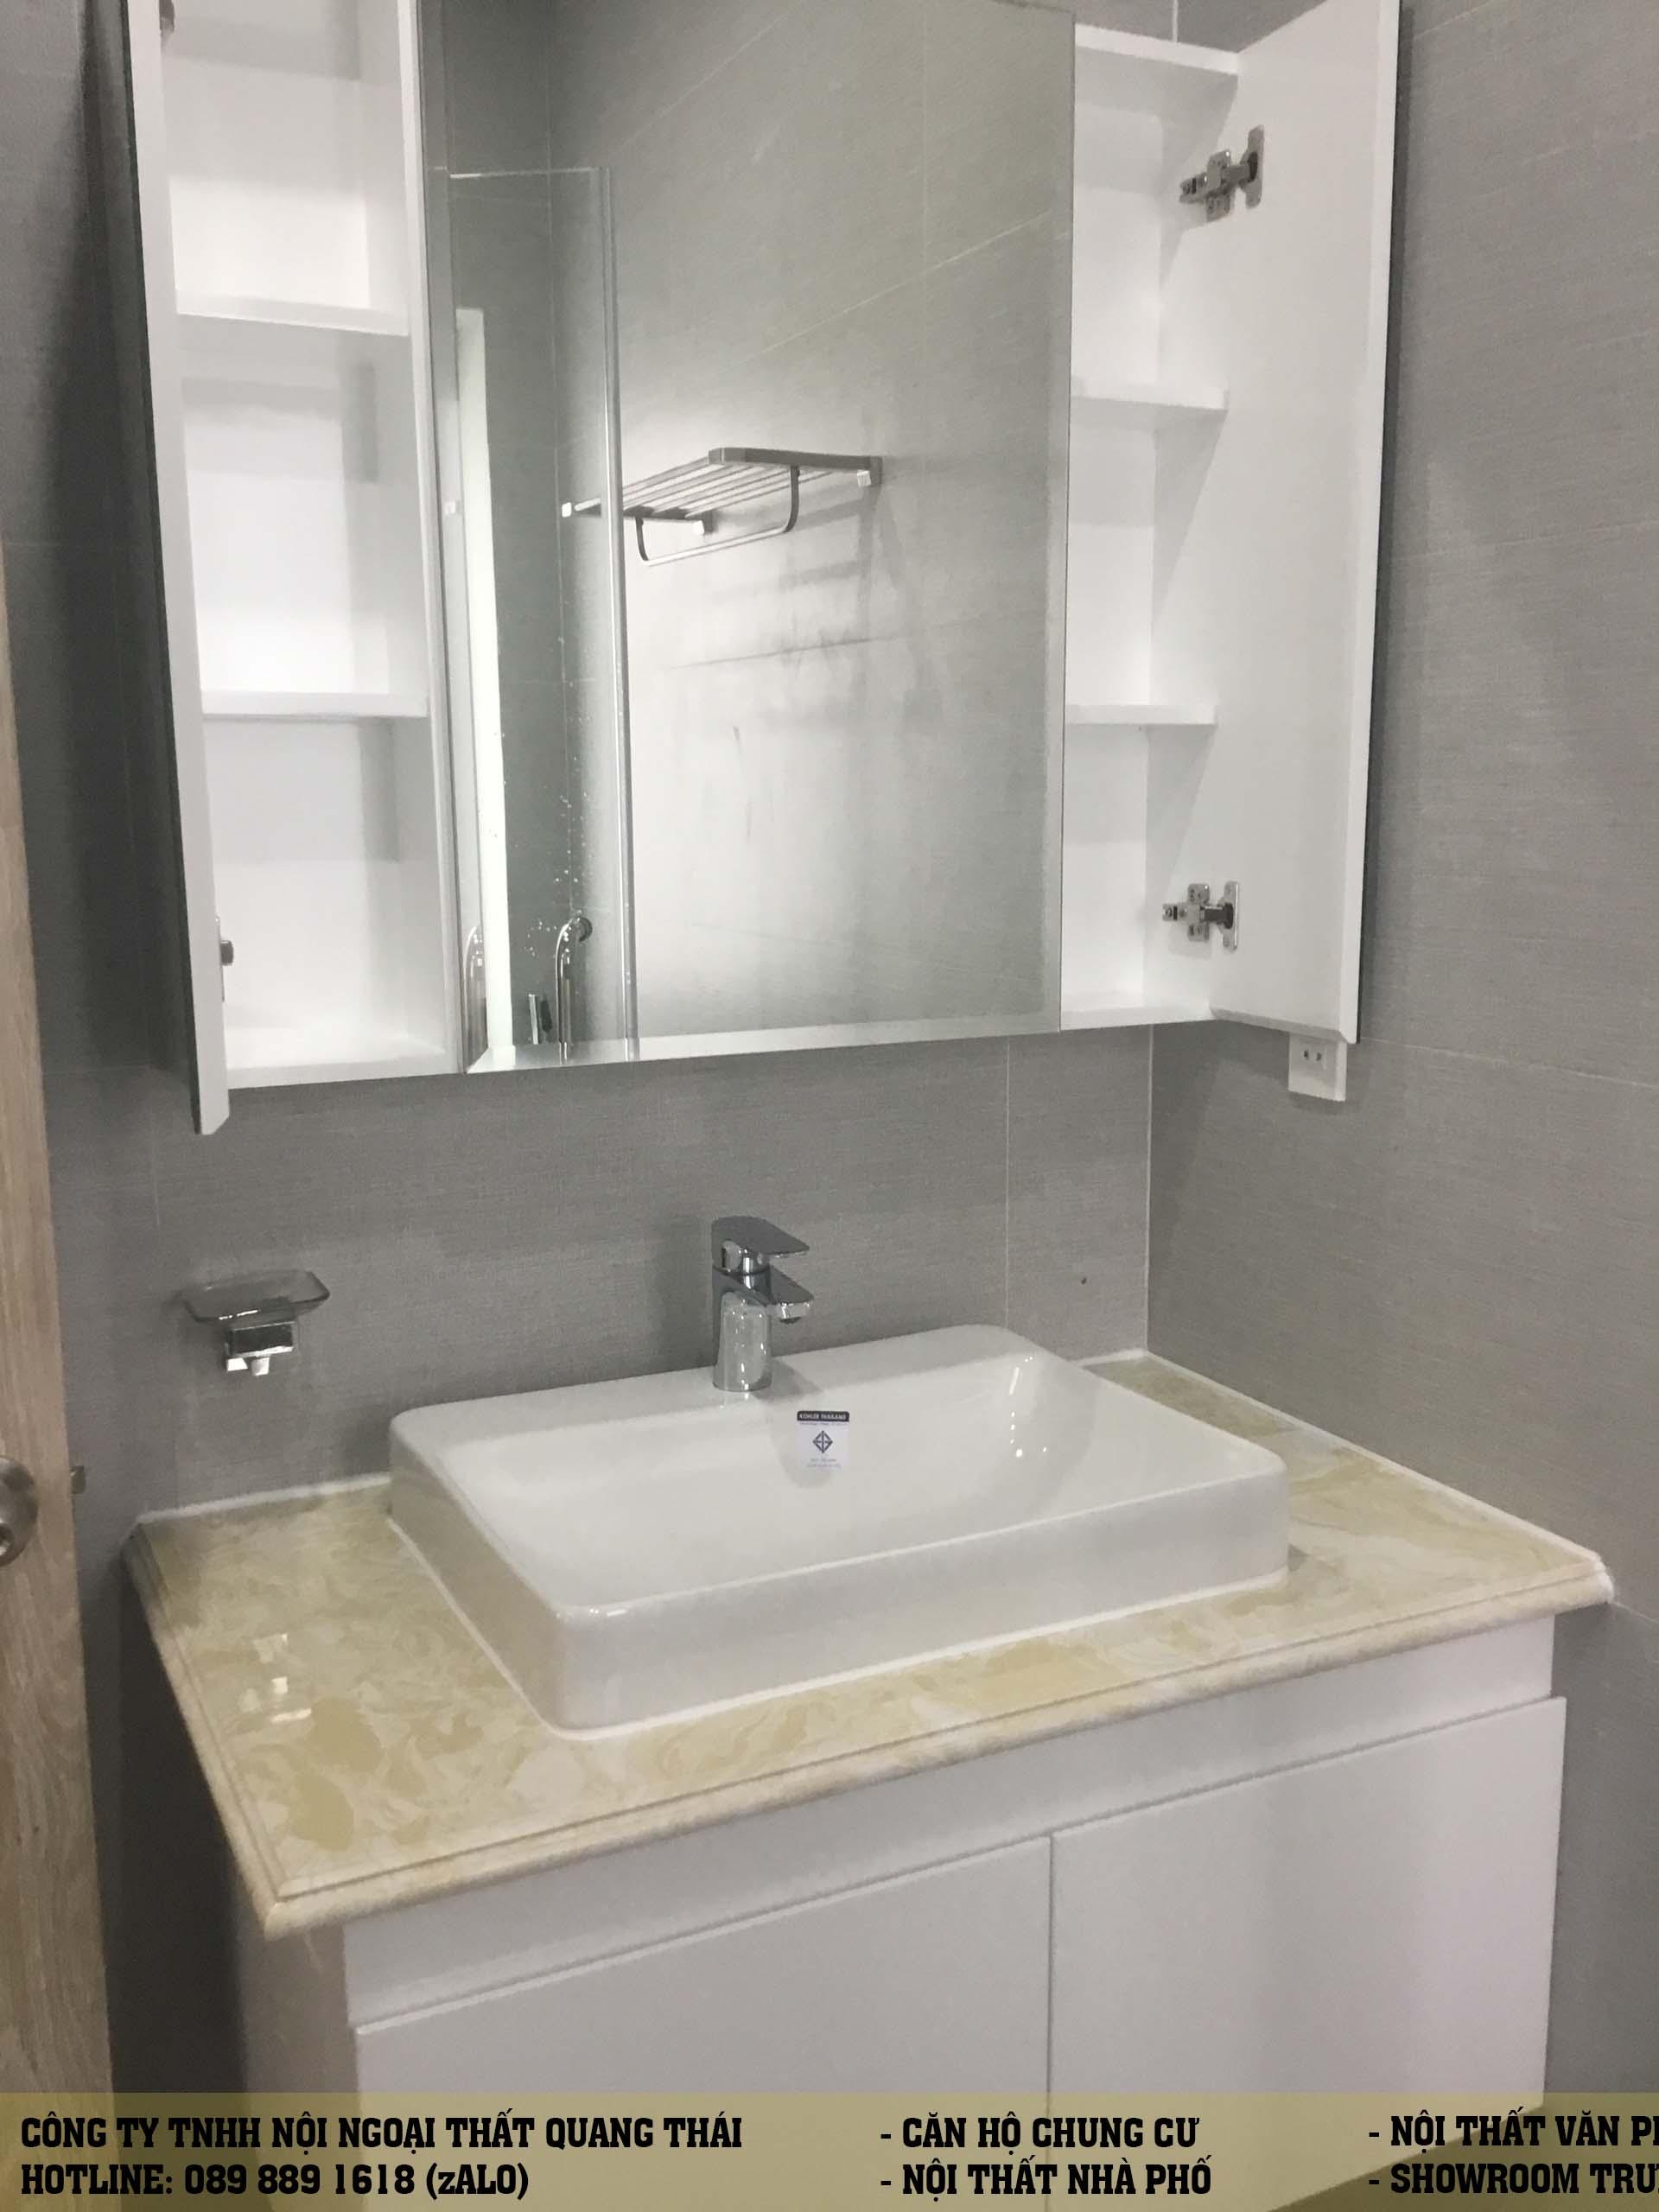 Hình hoàn thiện nội thất với gam màu trắng tinh khiết.